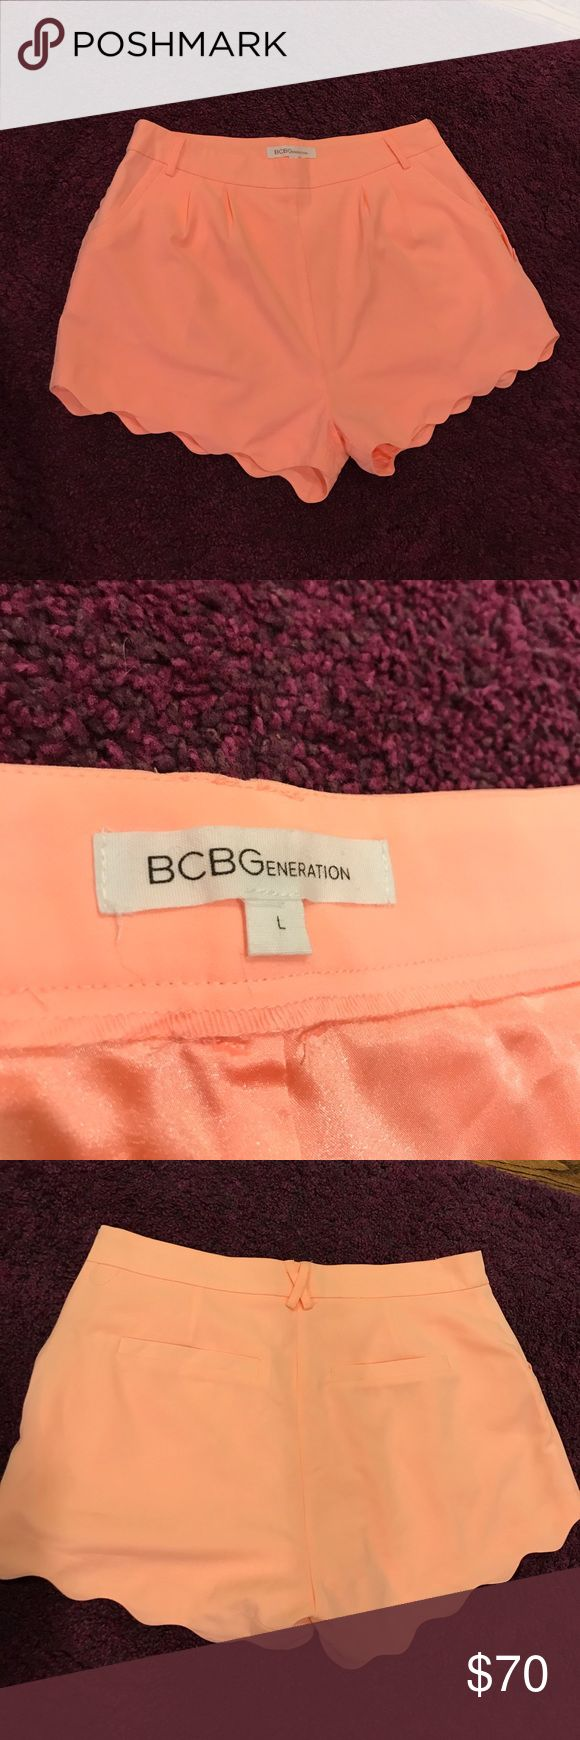 BCBGeneration shorts Never worn size large BCBGeneration Shorts